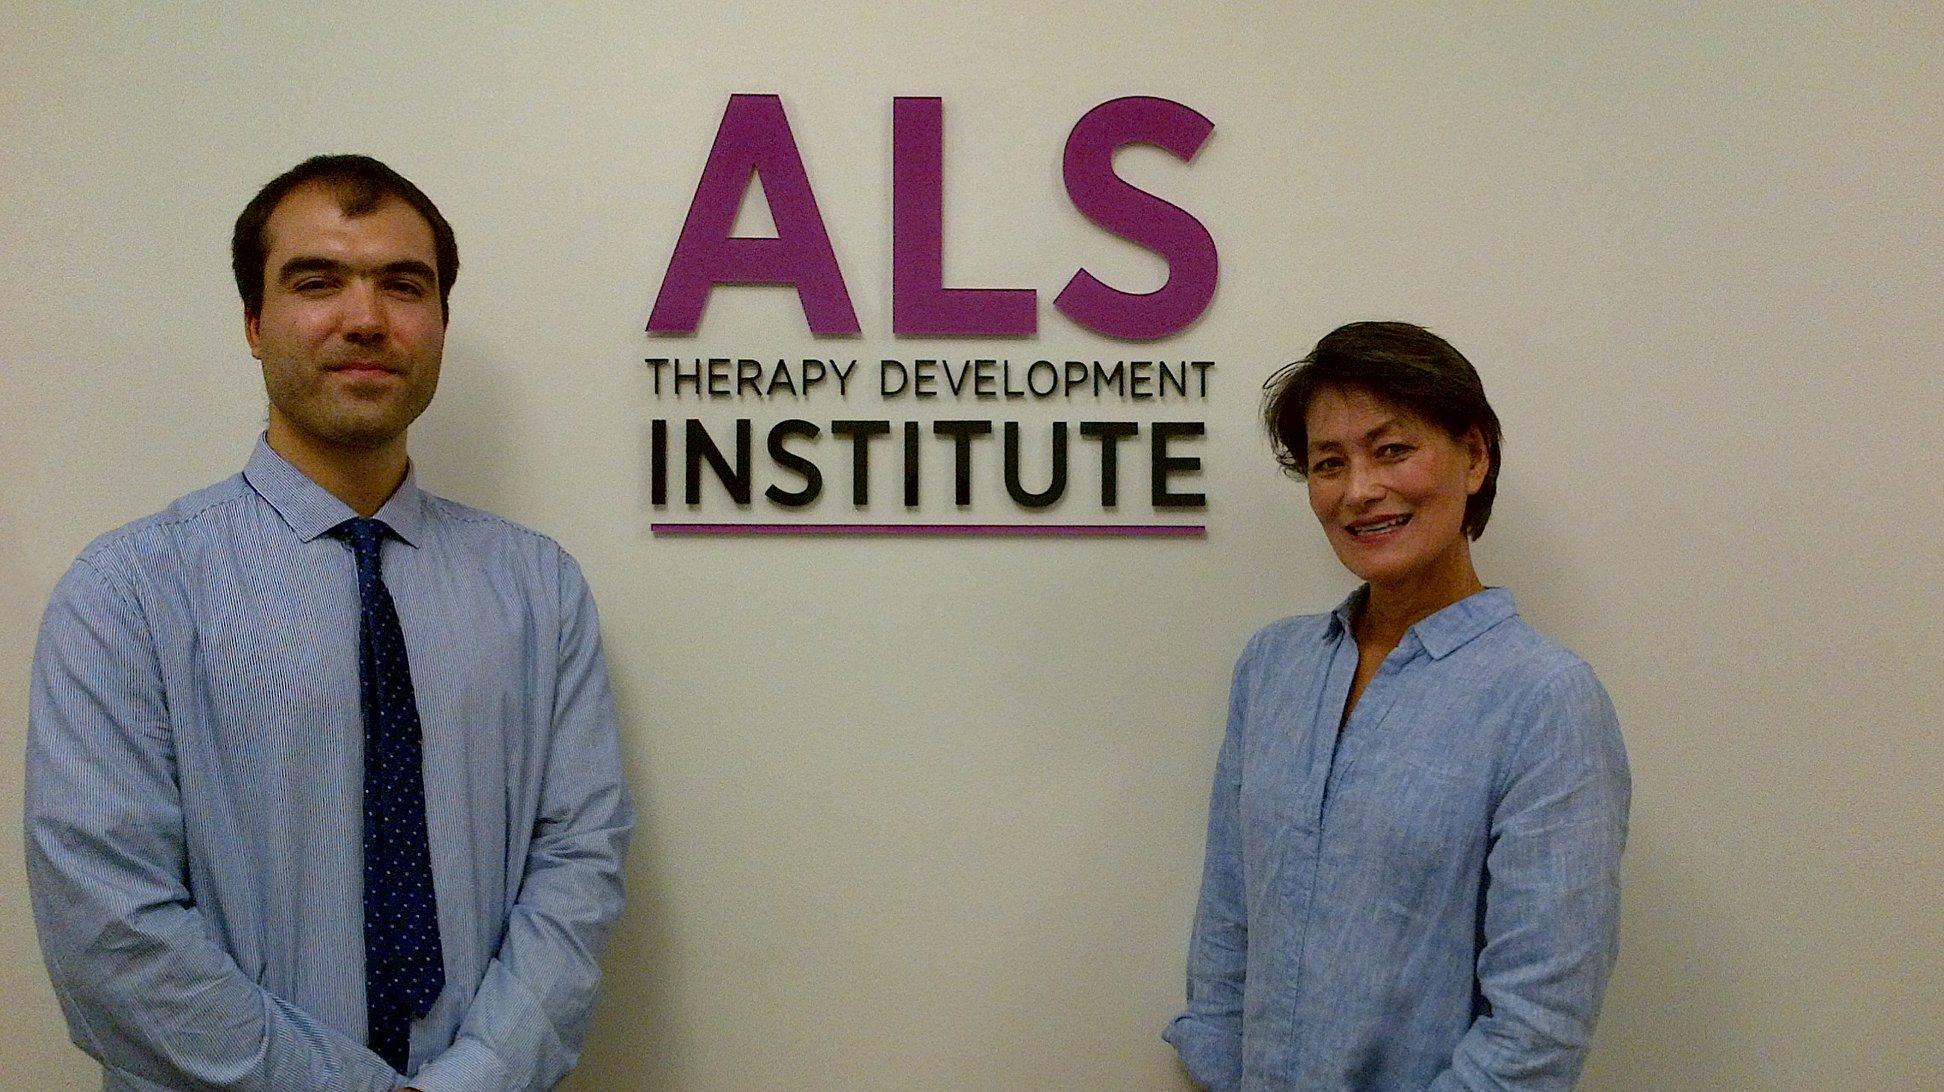 Associazione ConSLAncio visita L'ALS Therapy Development